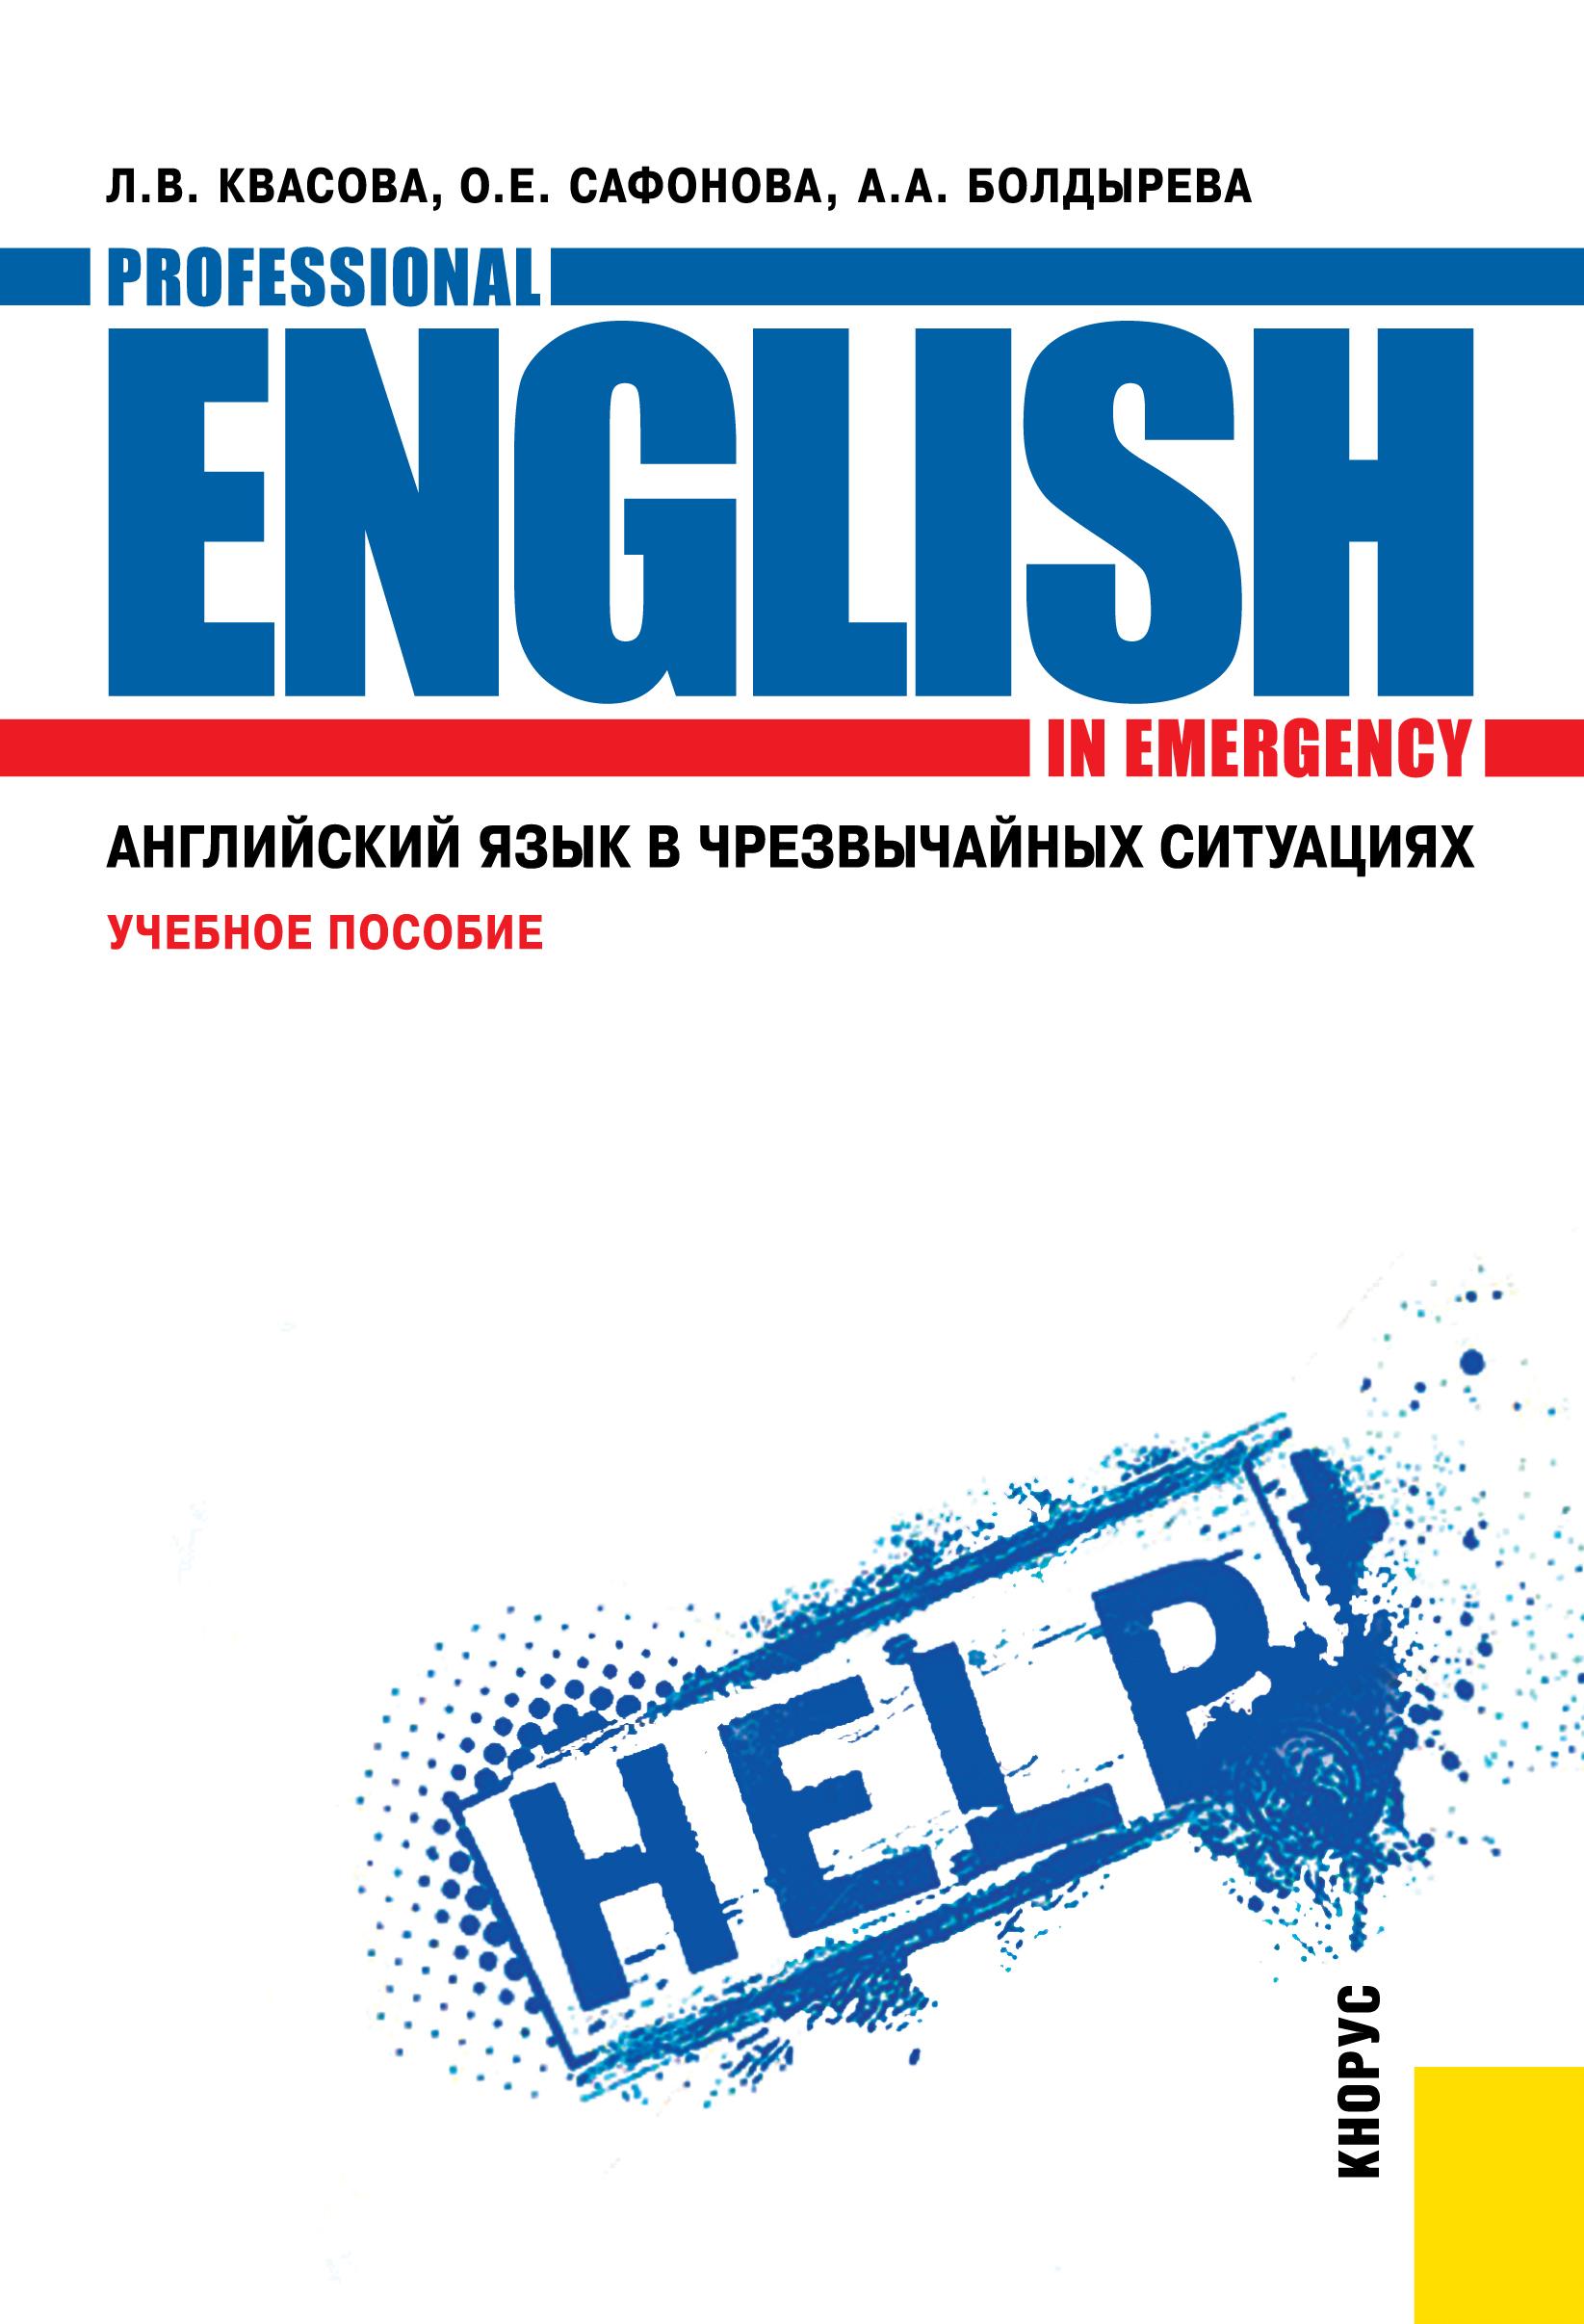 Анна Болдырева Английский язык в чрезвычайных ситуациях валерий малахов технические средства природообустройства и защиты в чрезвычайных ситуациях